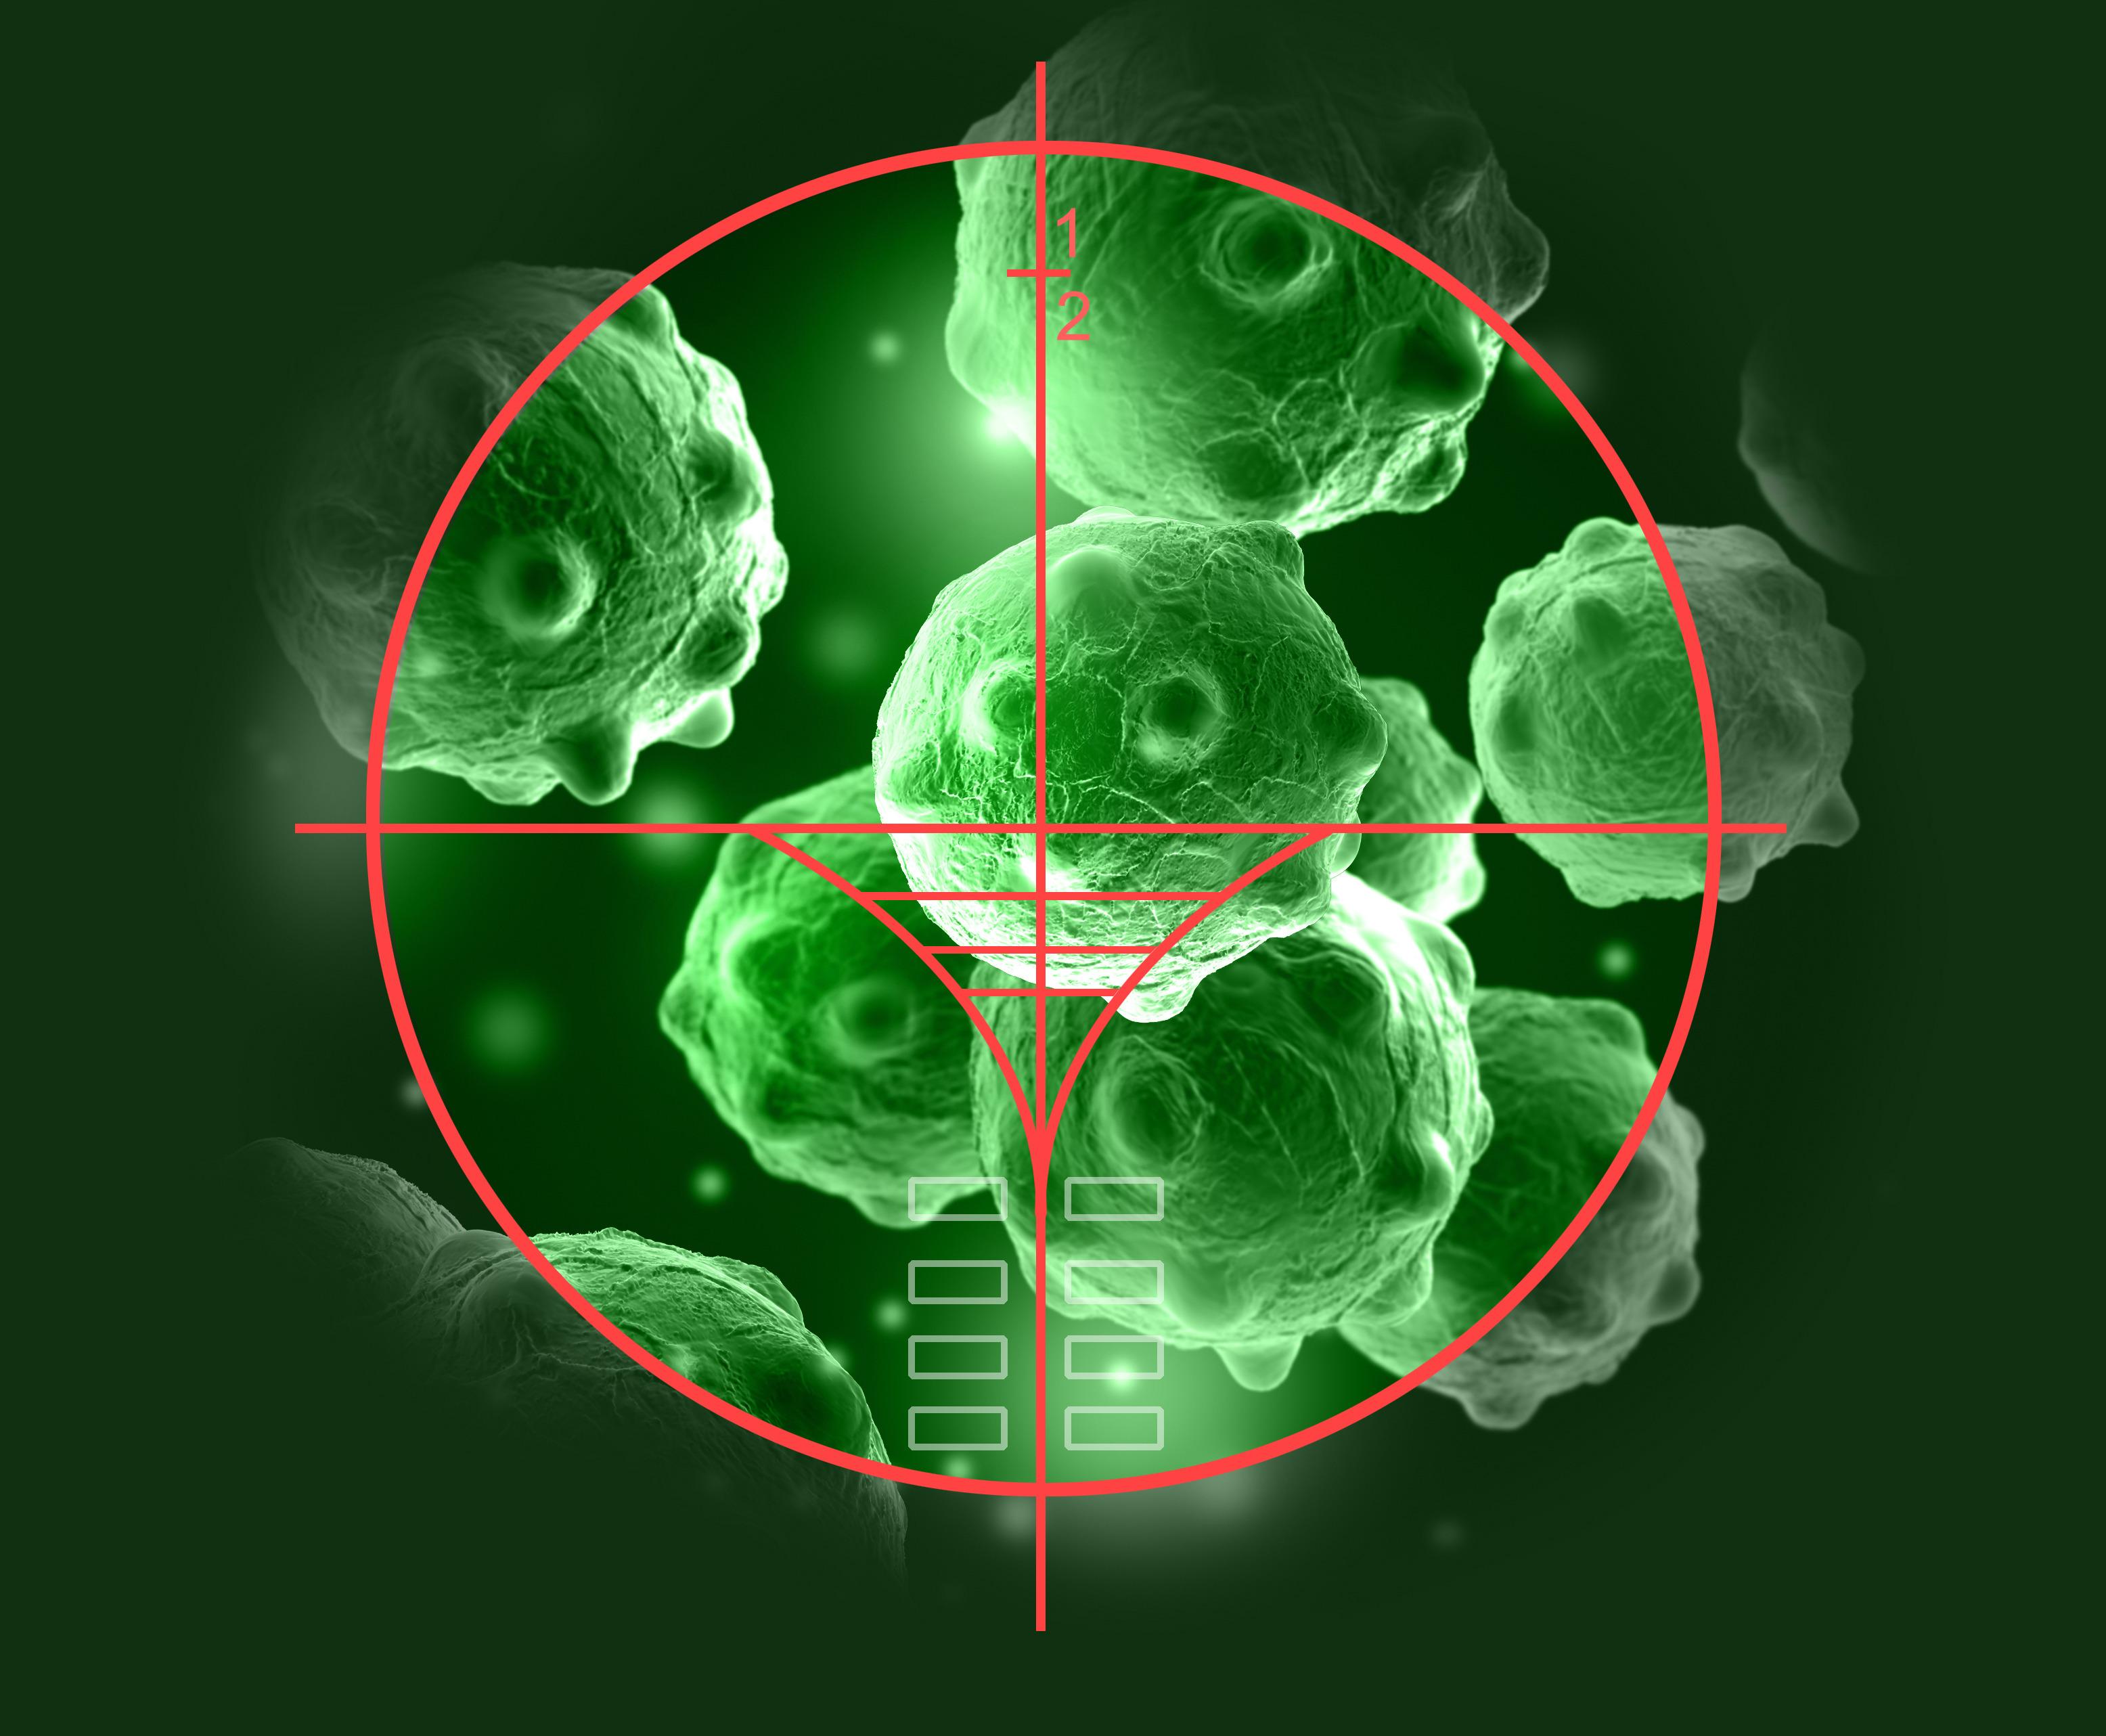 מהי רפואה פונקציונלית?